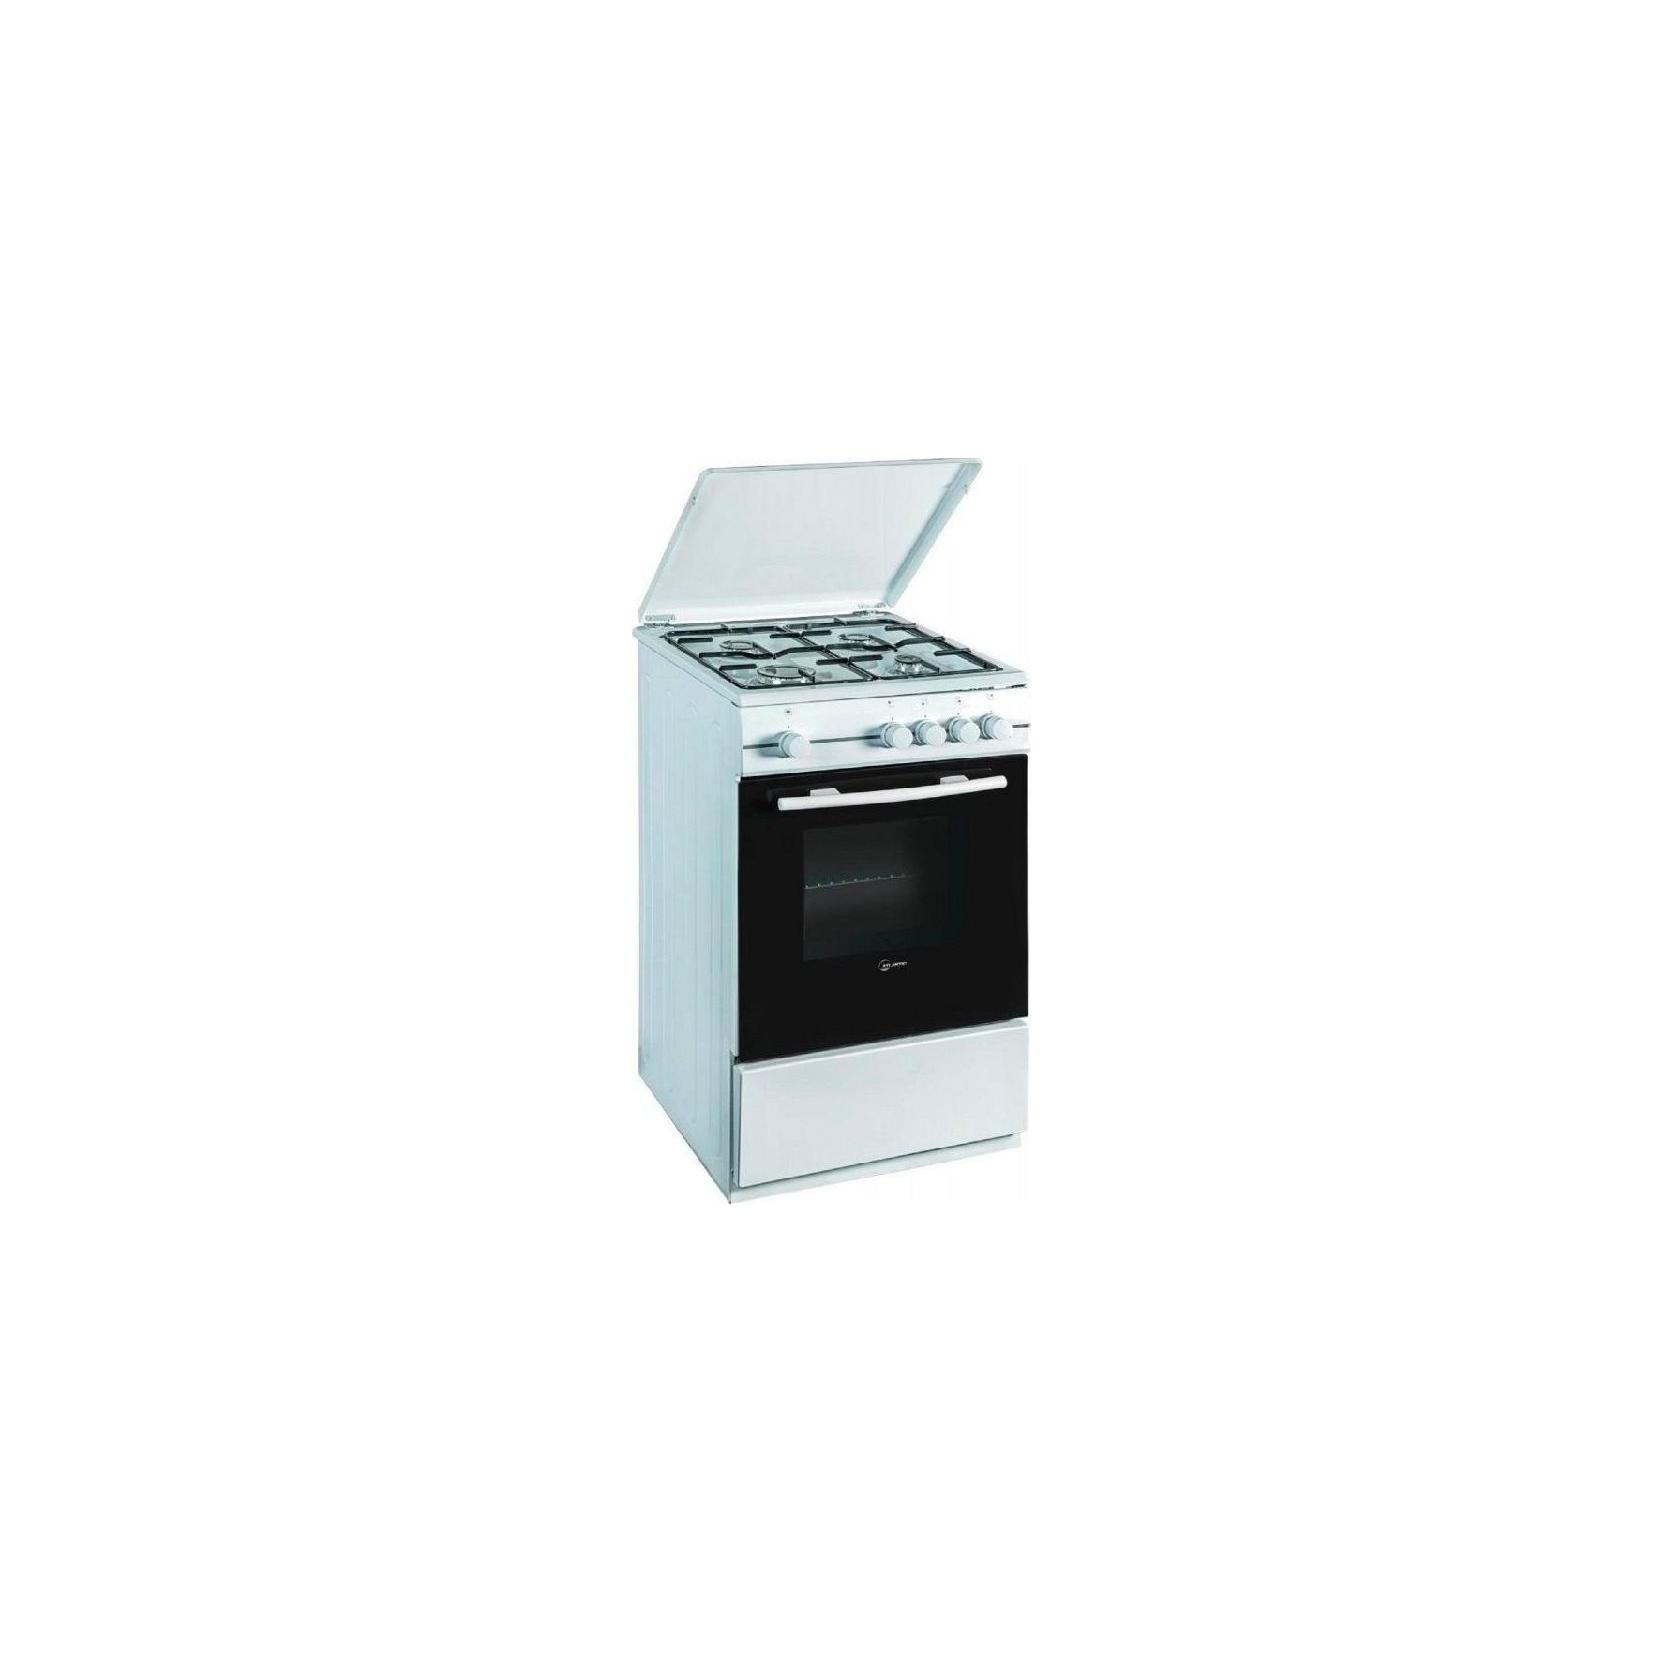 Cucina atlantic atmc66 4 fuochi a gas forno elettrico con grill 60x60 bianca garanzia italia - Cucine a gas samsung ...